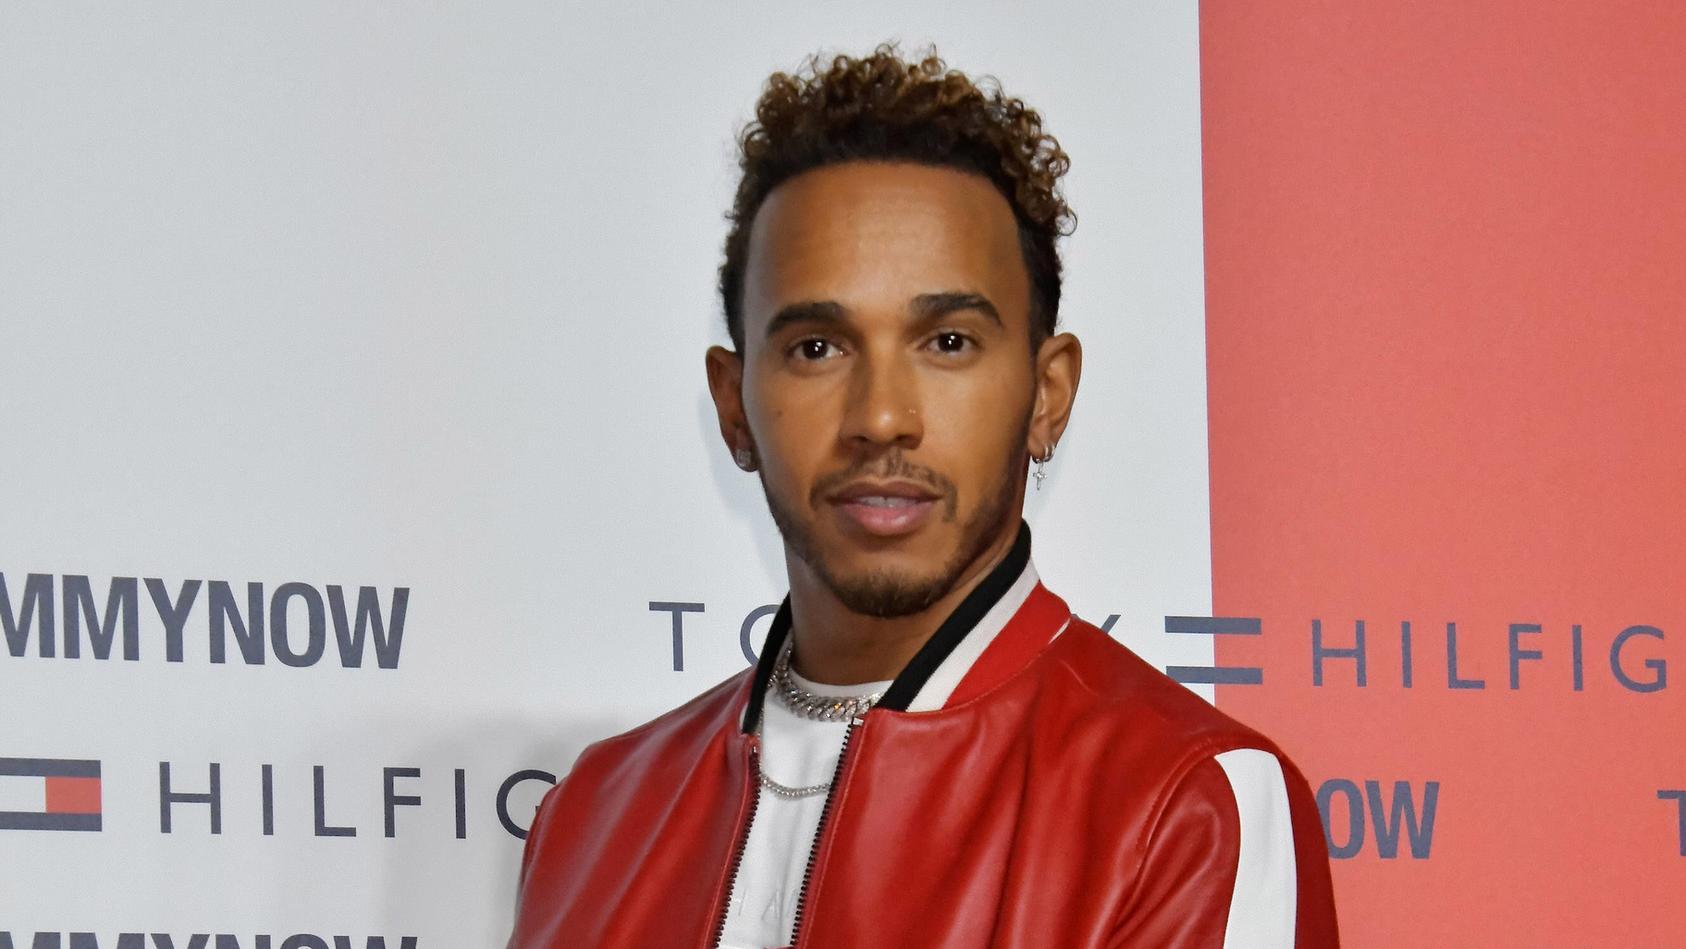 Lewis Hamilton liebt nicht nur das Rennfahren sondern auch die Musik.